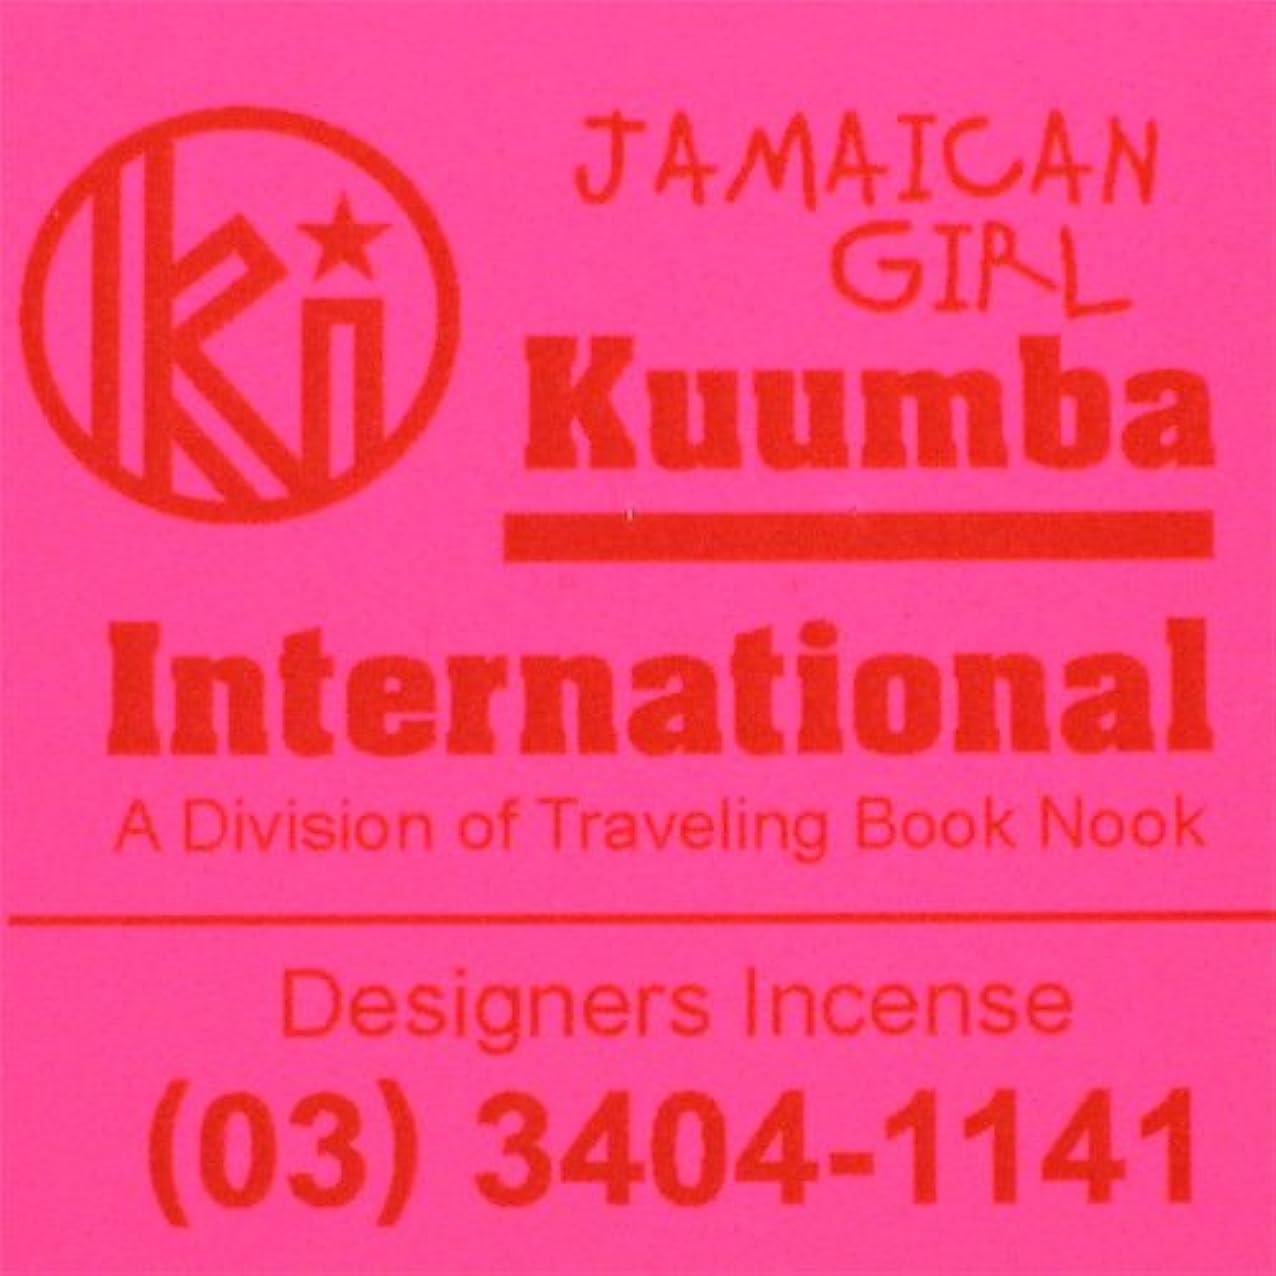 山九復活するKUUMBA / クンバ『incense』(JAMAICAN GIRL) (Regular size)